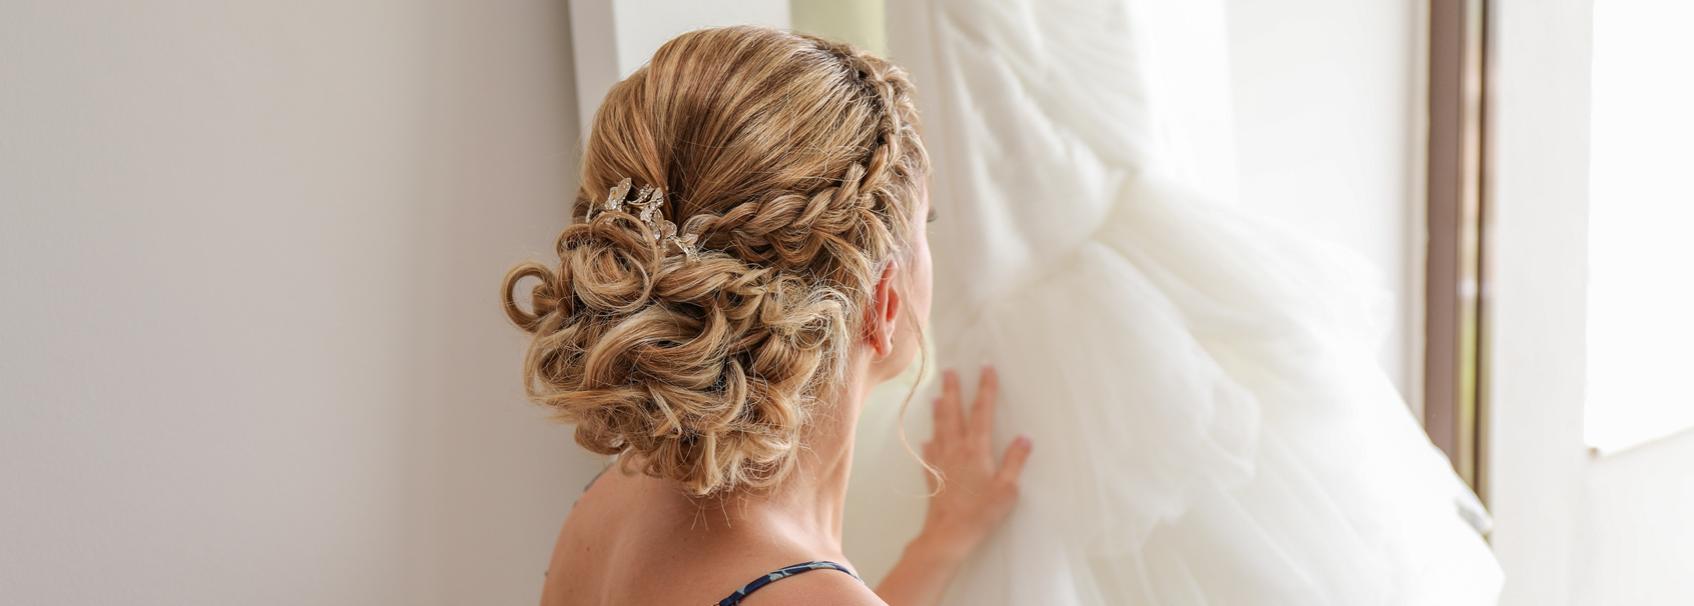 Belle coiffure pour le jour du mariage